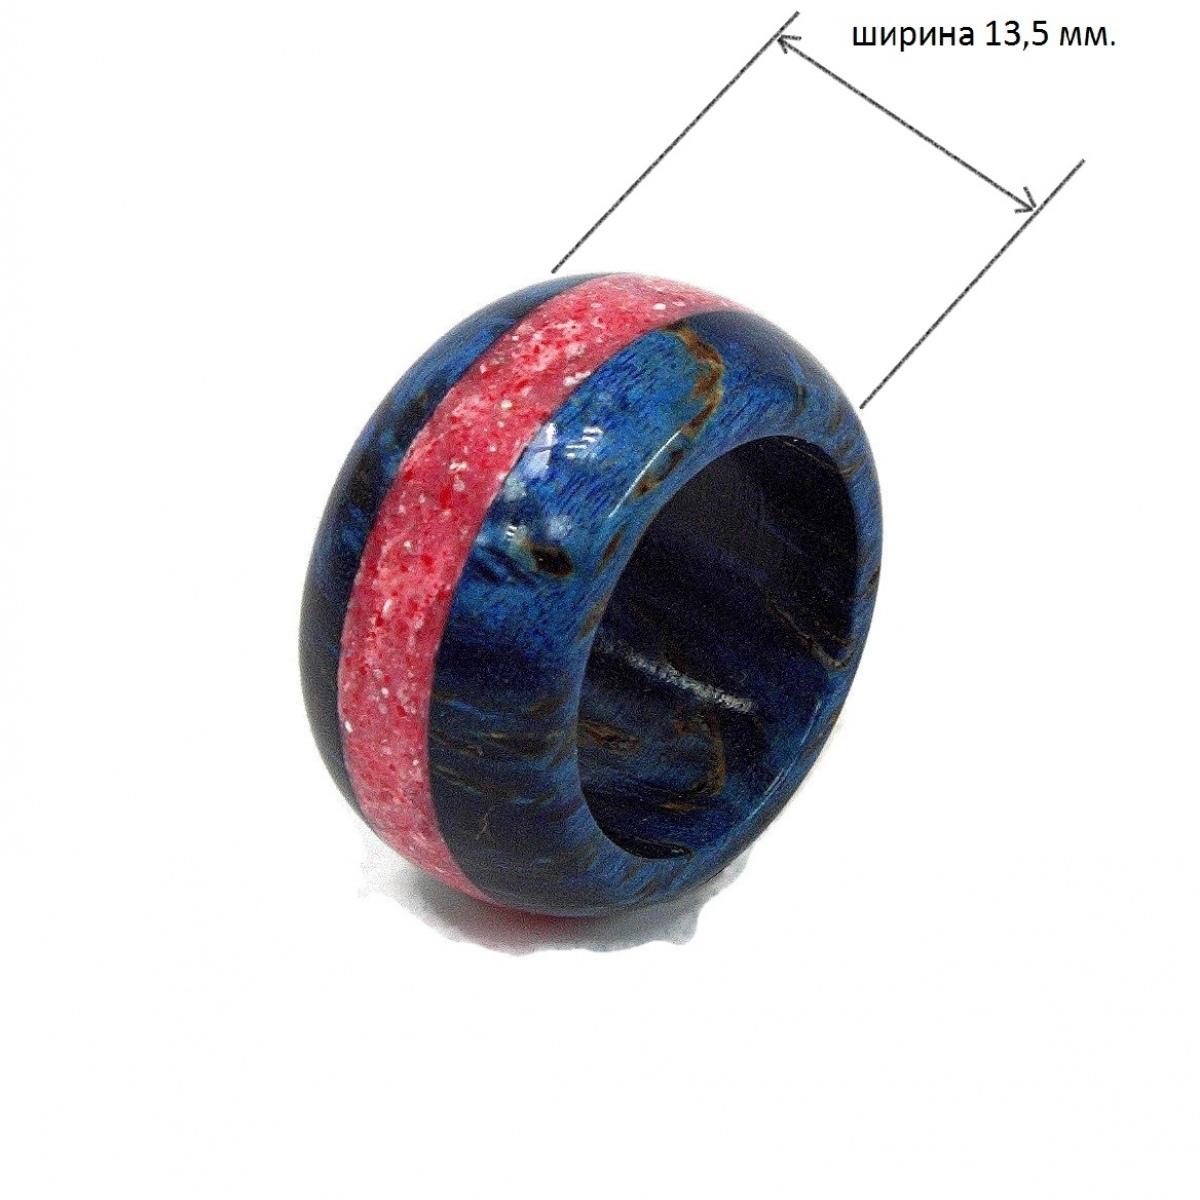 Кольцо из Карельской берёзы